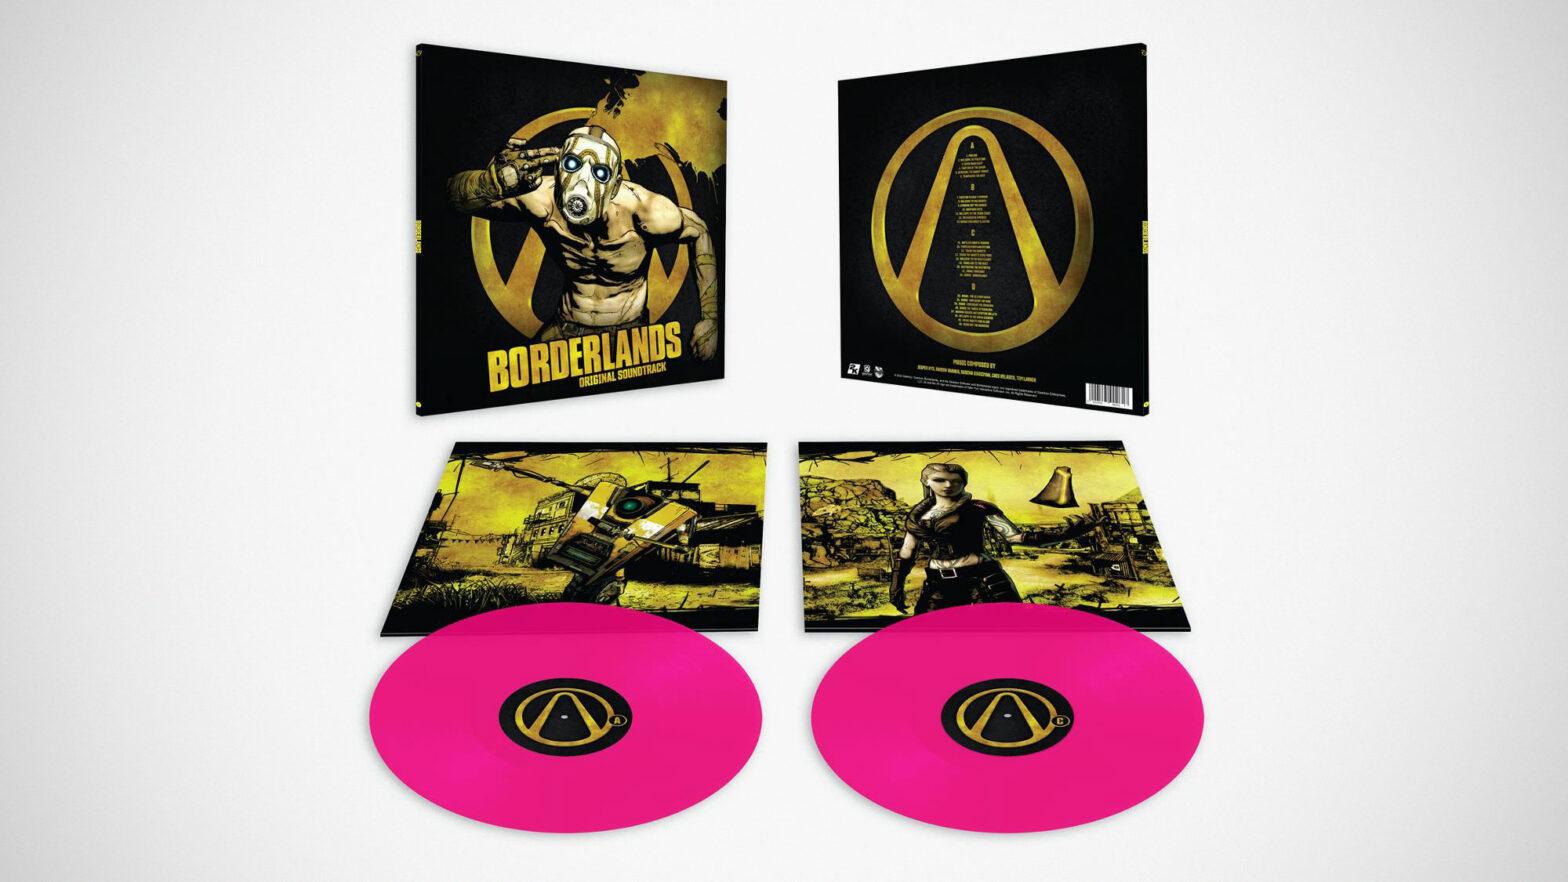 Borderlands Original Soundtrack Double LP